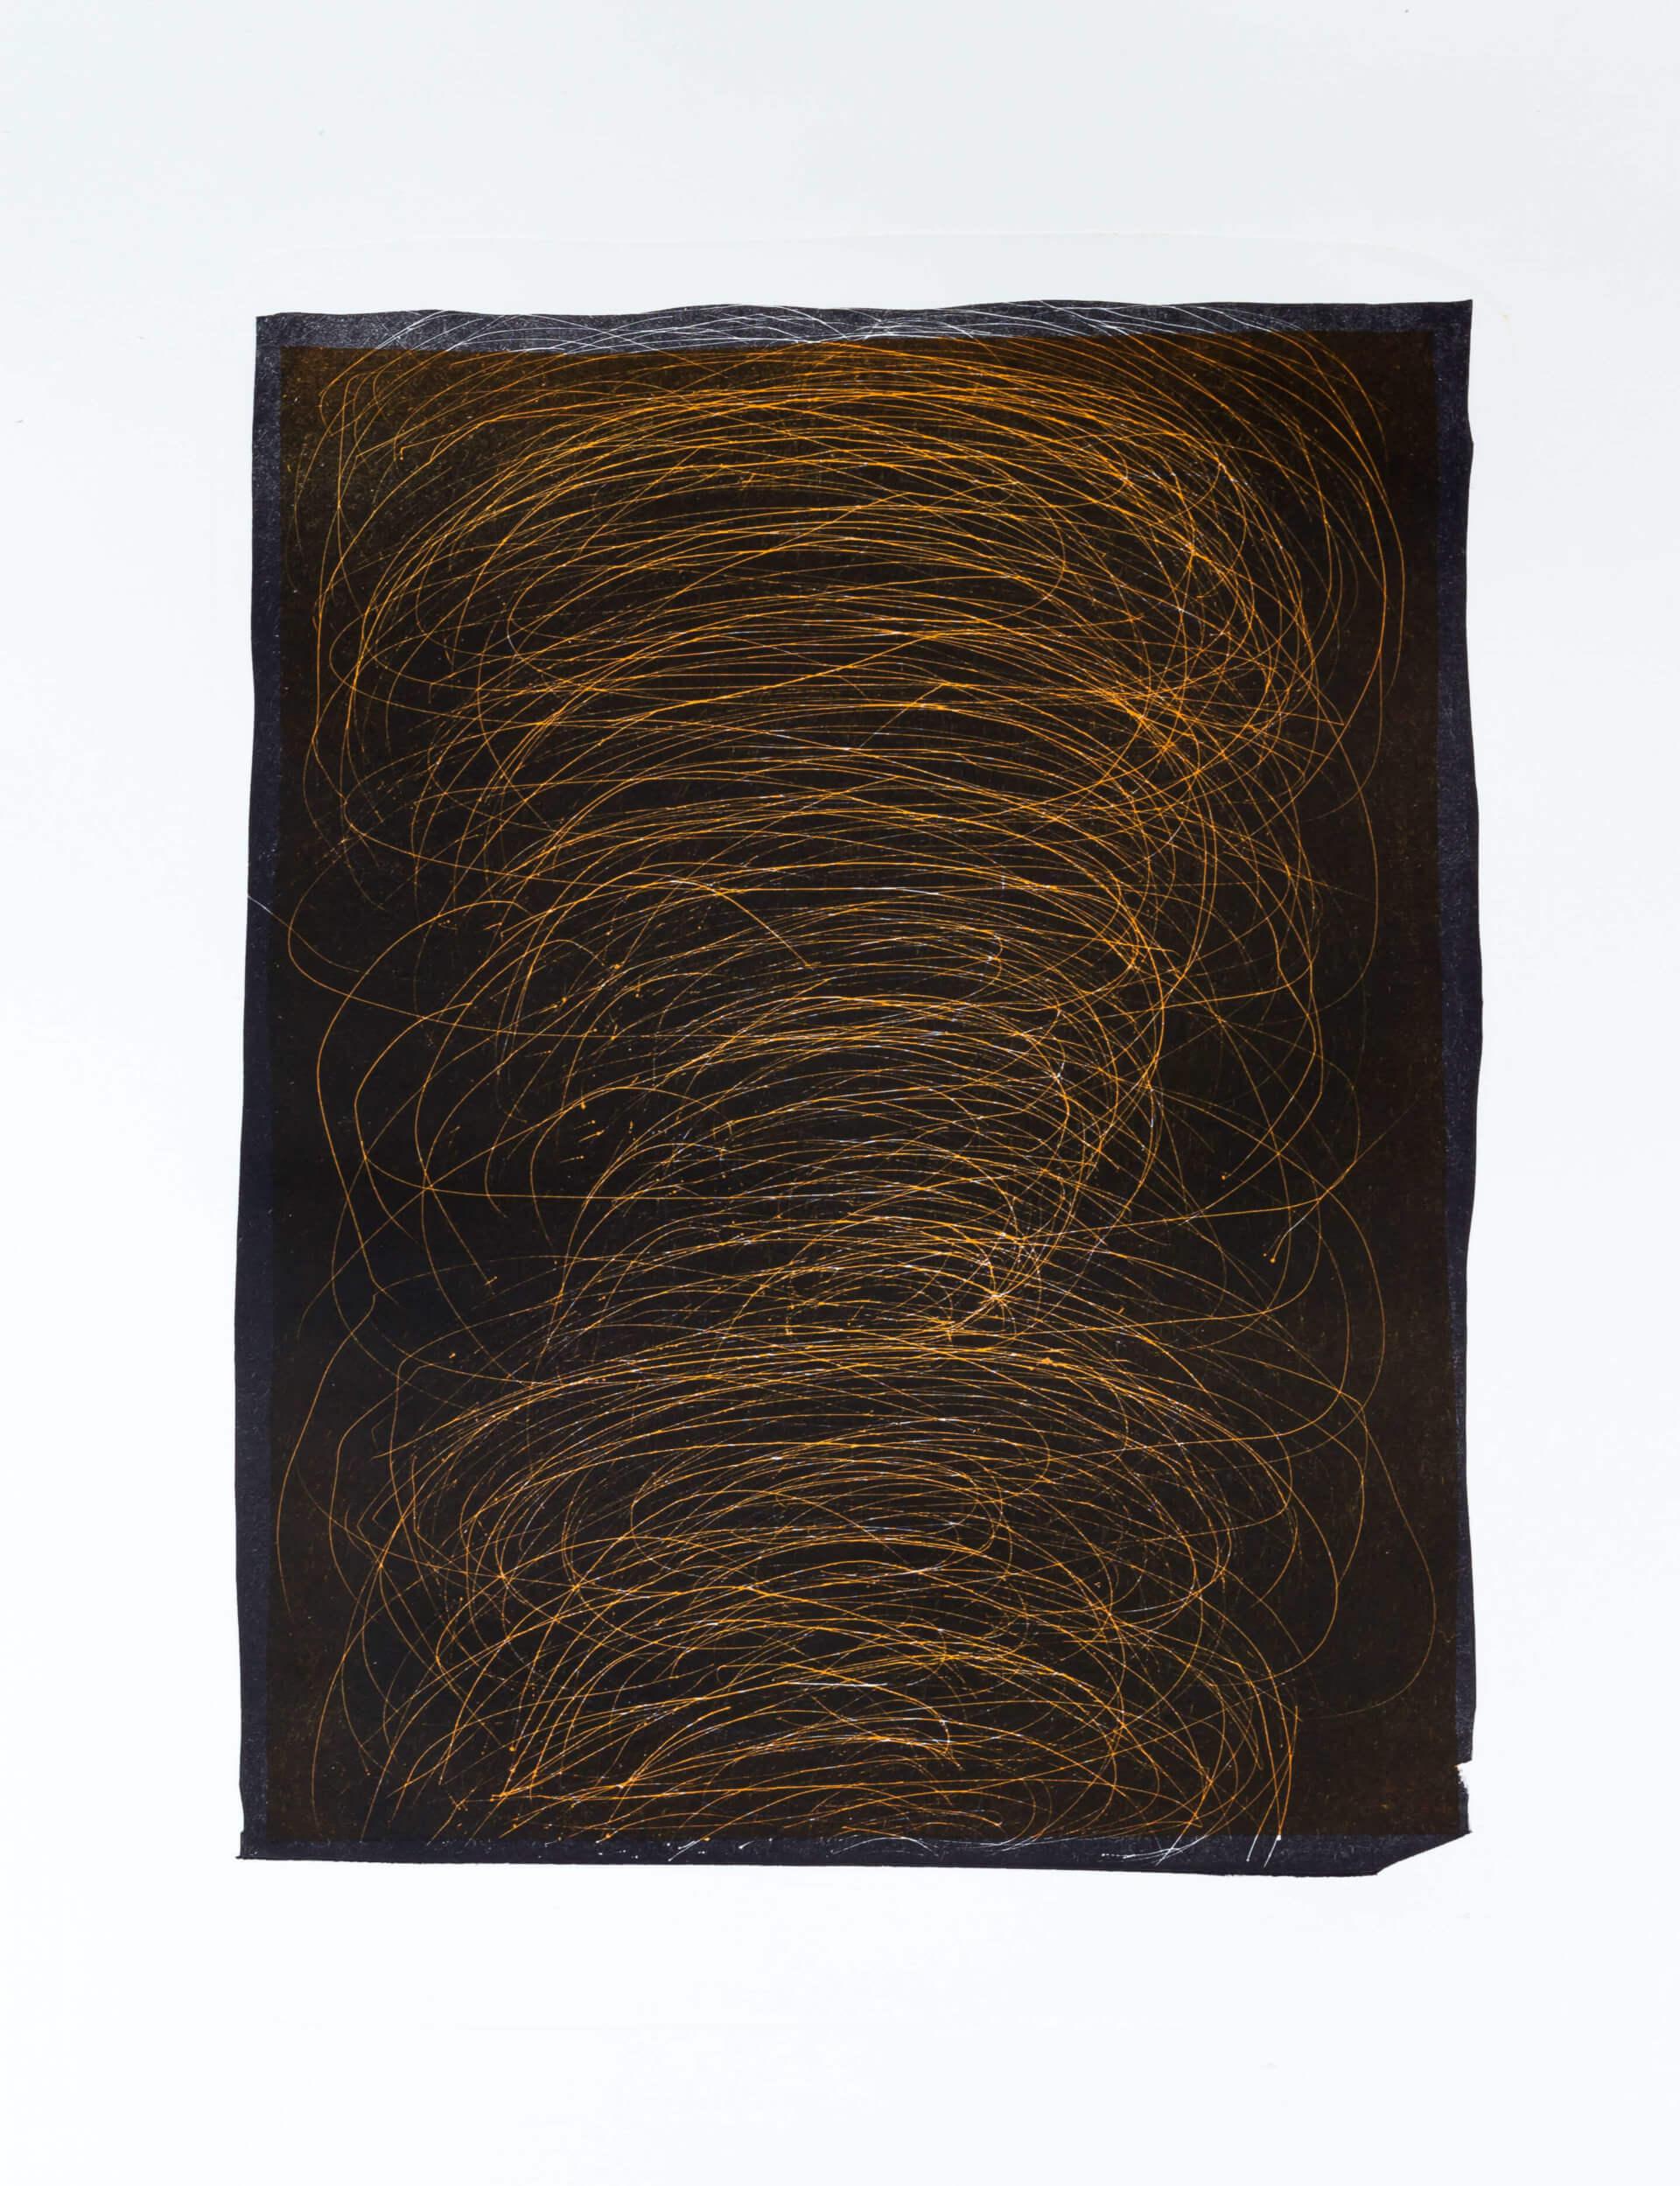 Katharina Albers, Transformation VI, 2011, Schablithographie, 2 Auflagen, 40x29cm